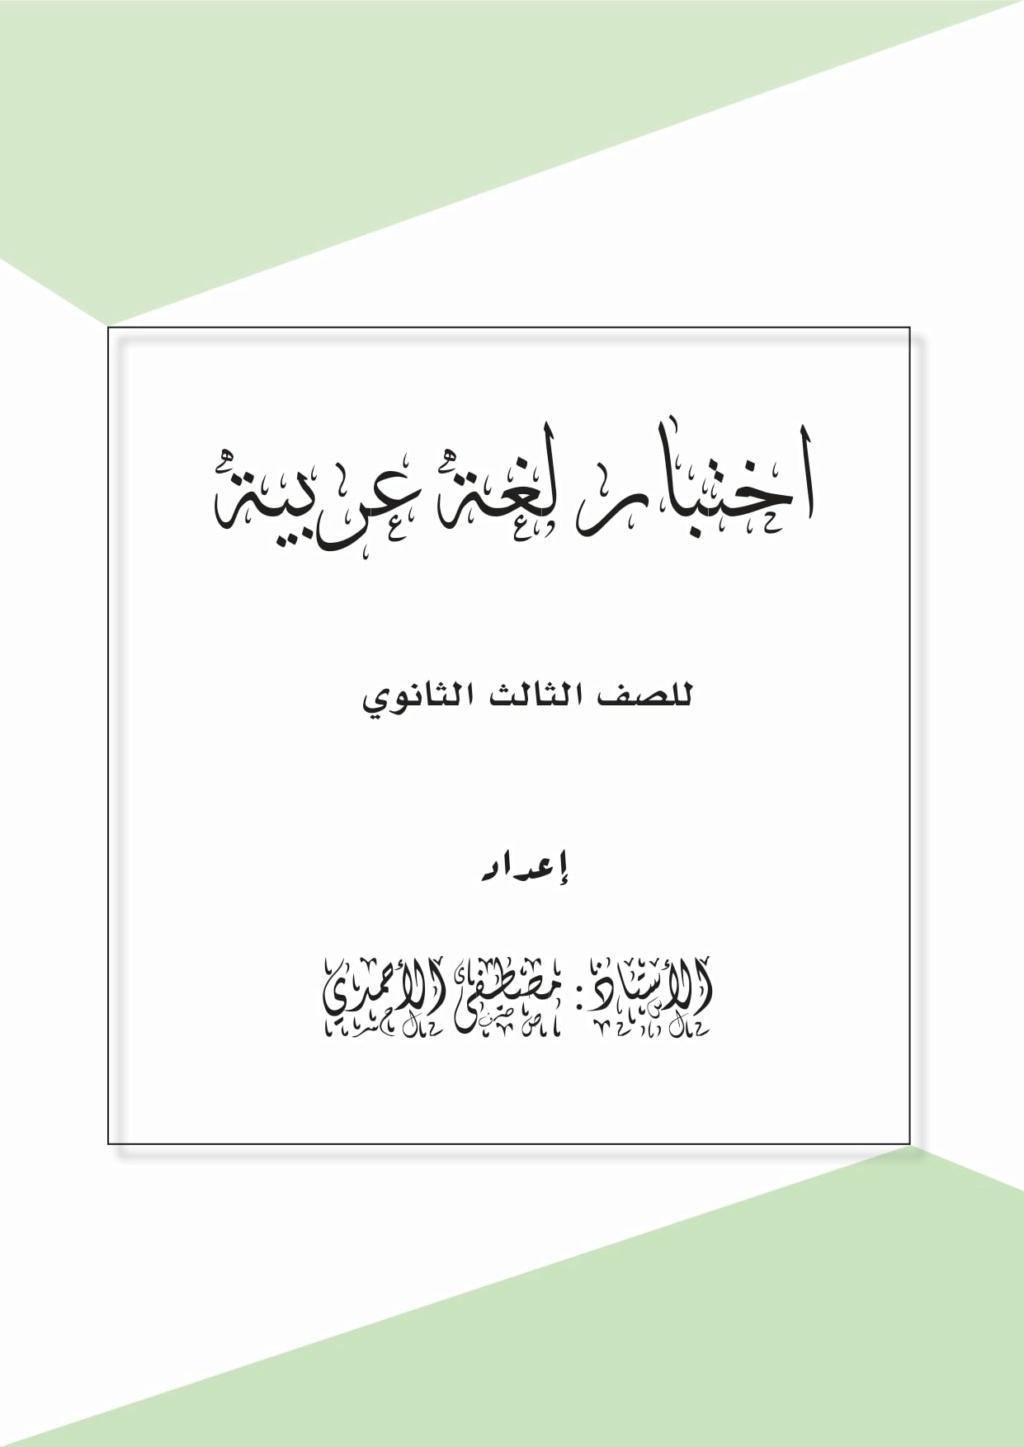 أقوى امتحان لغة عربية للصف الثالث الثانوي نظام حديث 2021